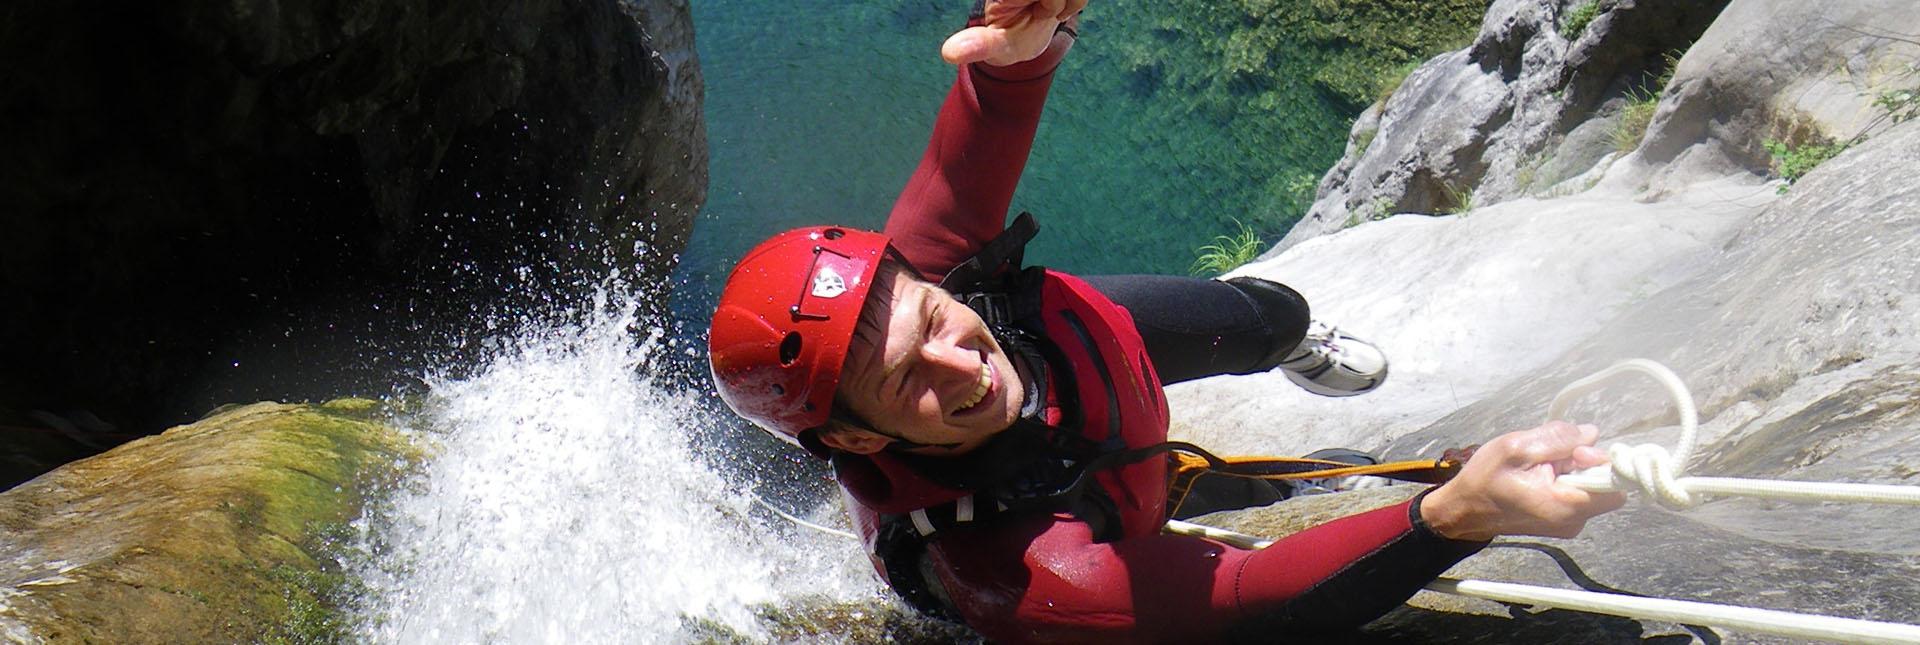 canyoning-trentino-sport-divertimento-dolomiti-lago-di-ledro-lago-di-garda-8